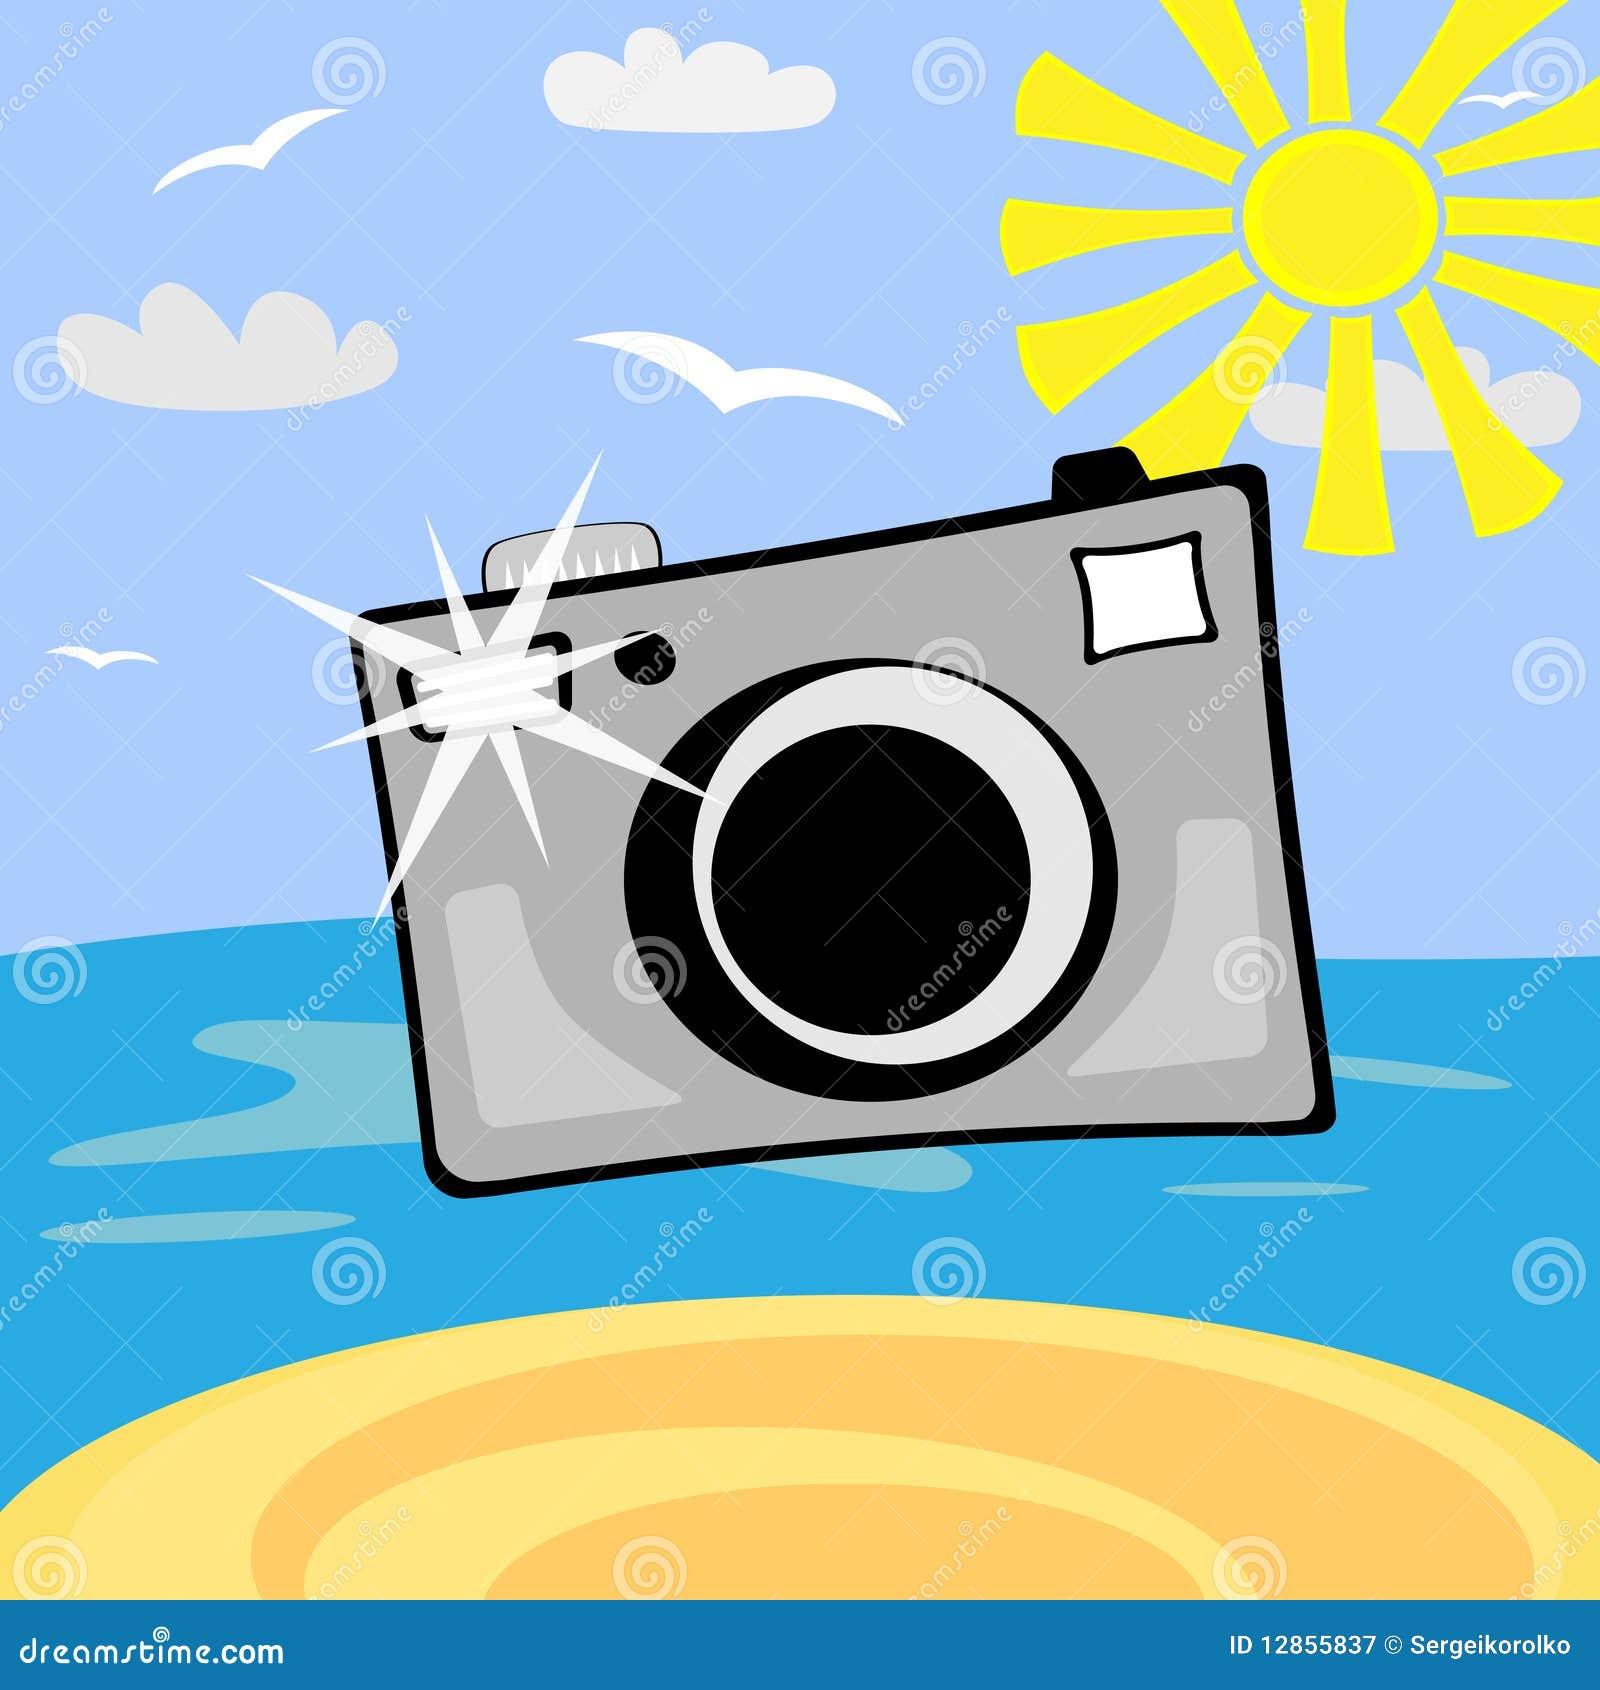 Cartoon Photo Camera Stock Vector Image Of Cartoon